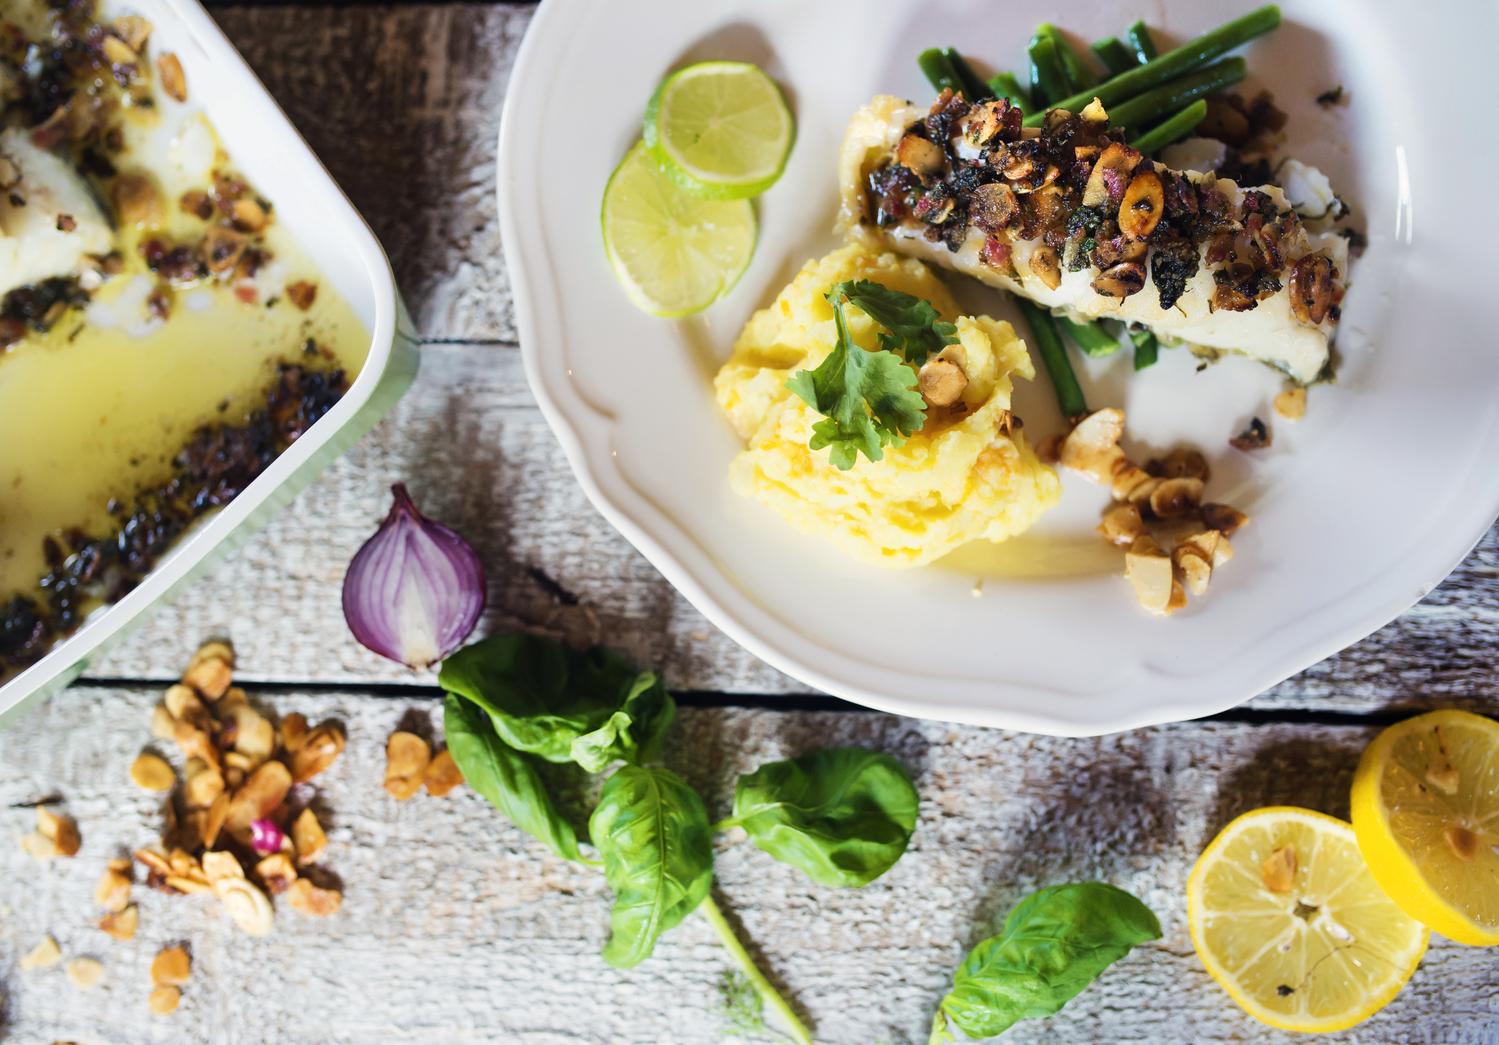 ひと手間かけた料理に見える!簡単魚料理レシピ5選